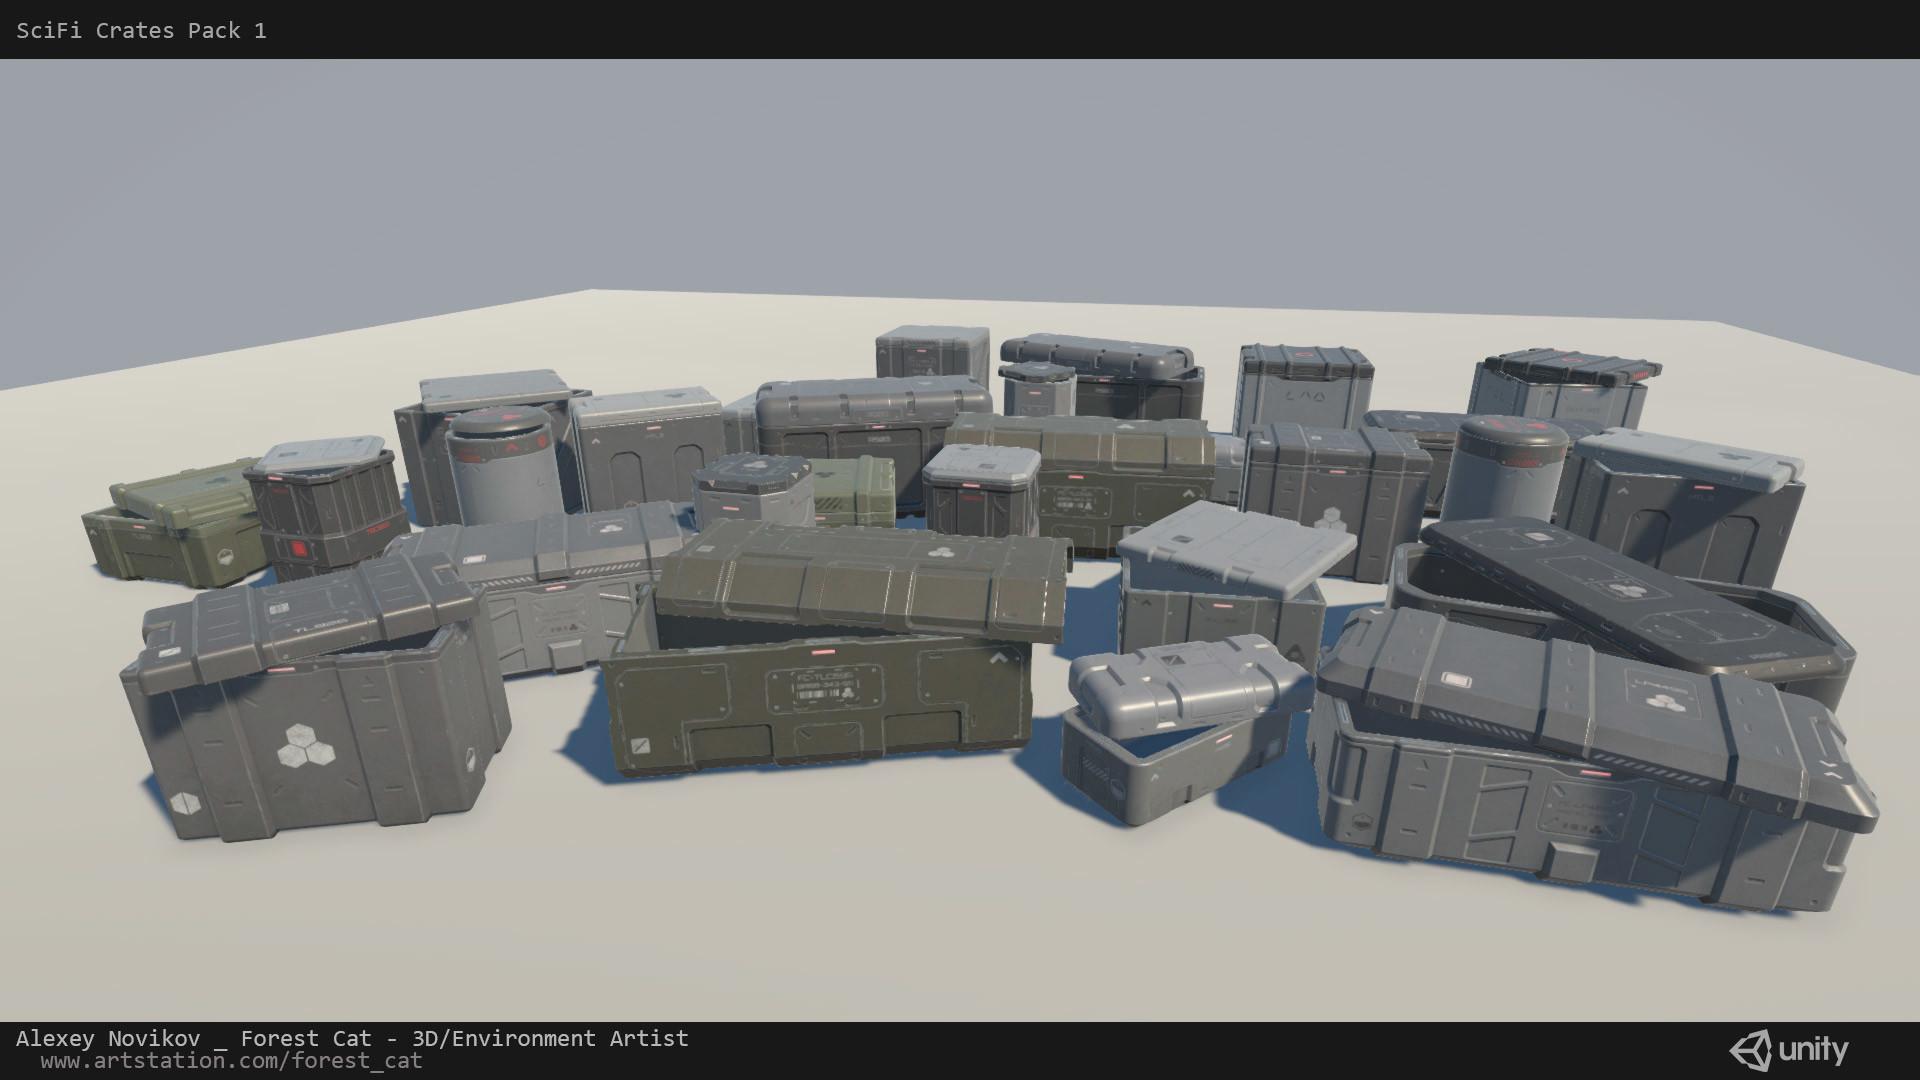 ArtStation - [Unity] SciFi Crates Pack 1 1, Alexey Novikov